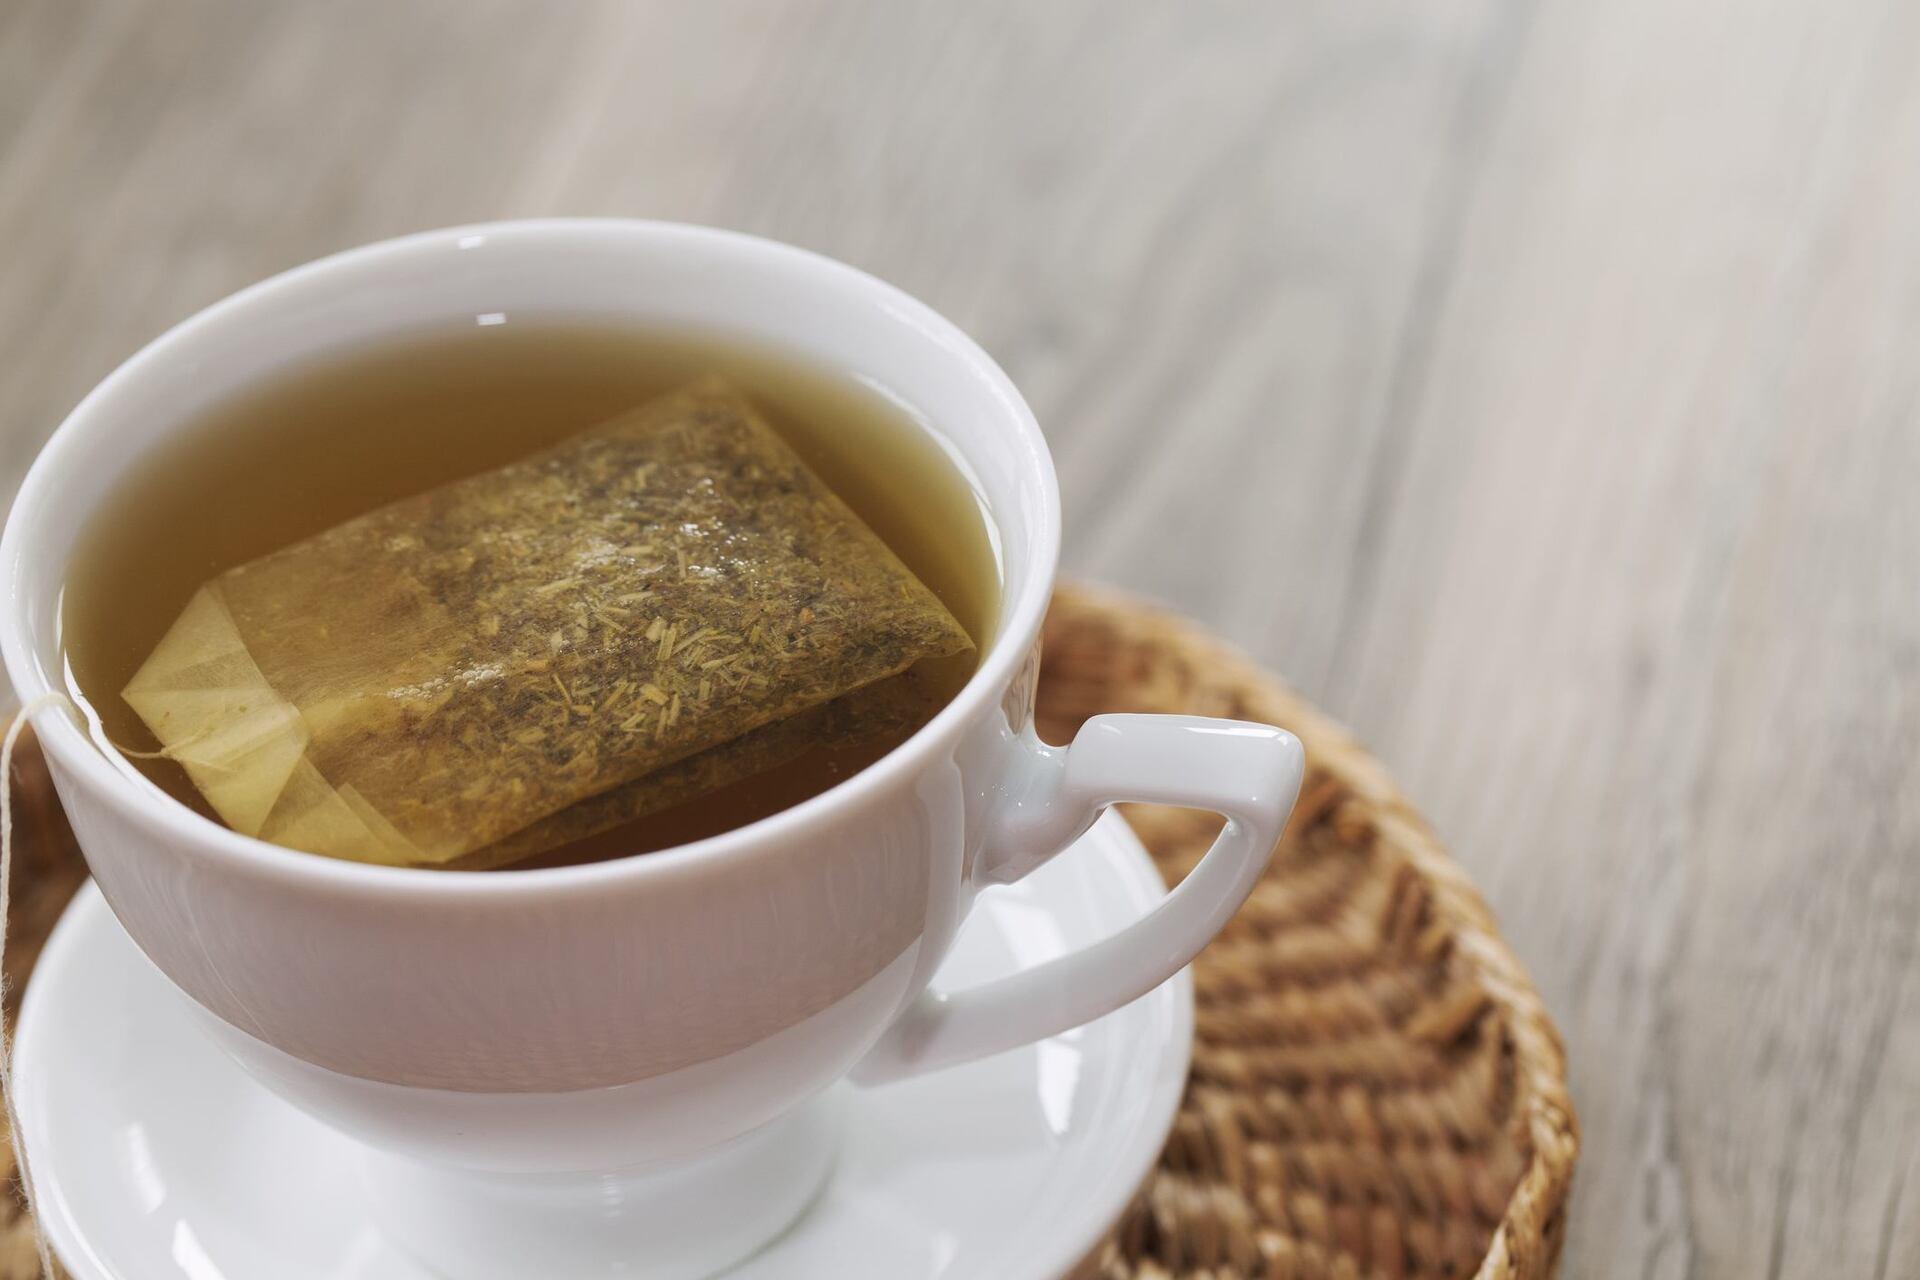 Xícara com chá de camomila